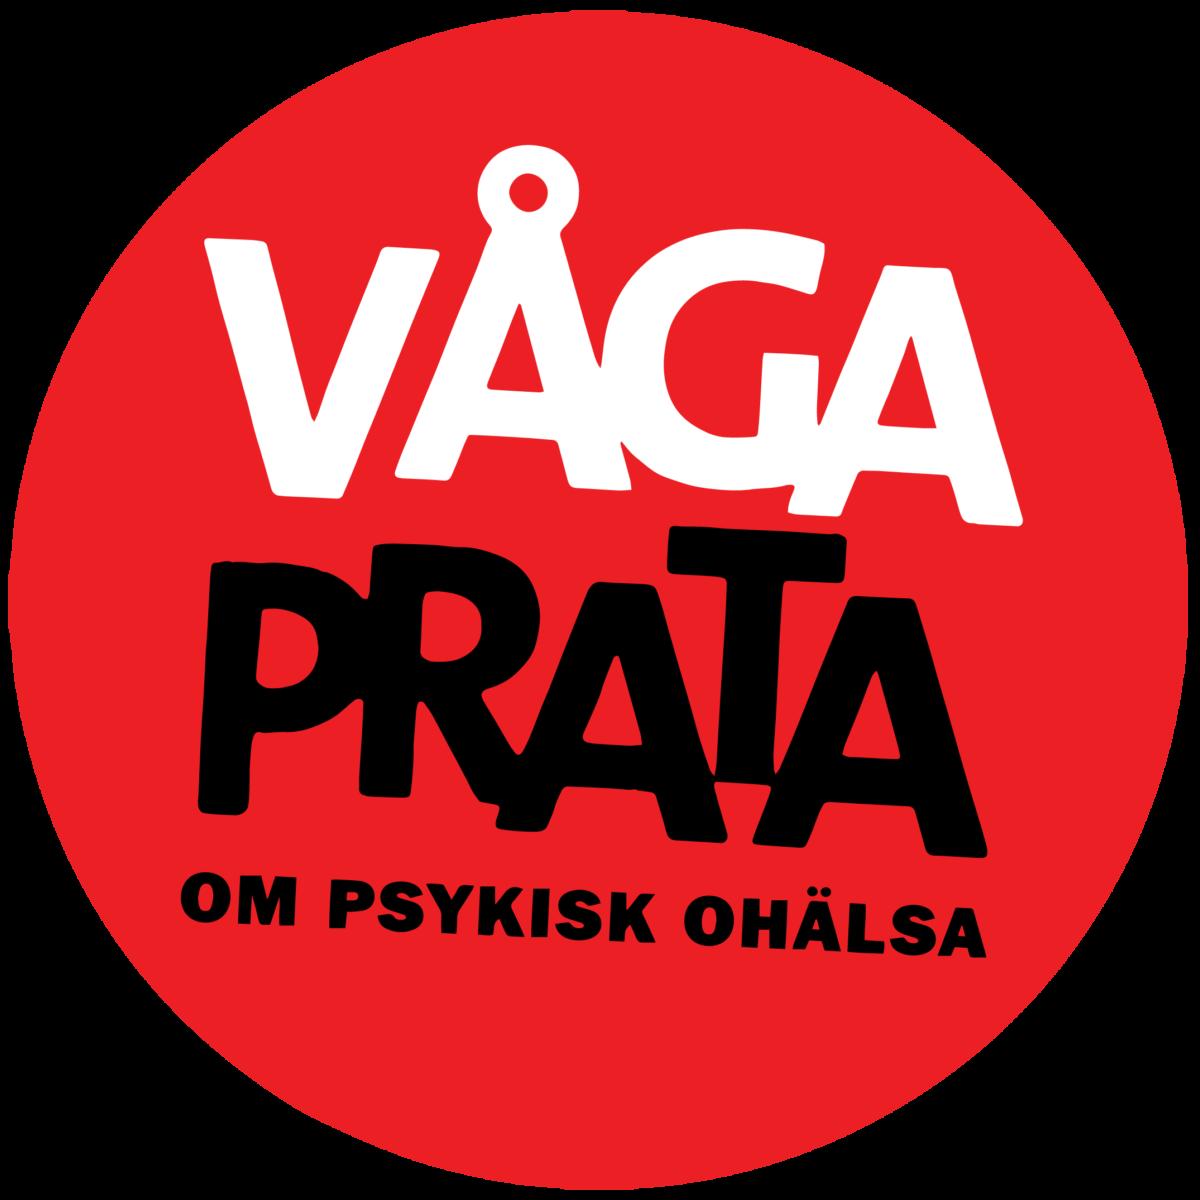 Hjärnkoll Stockholm